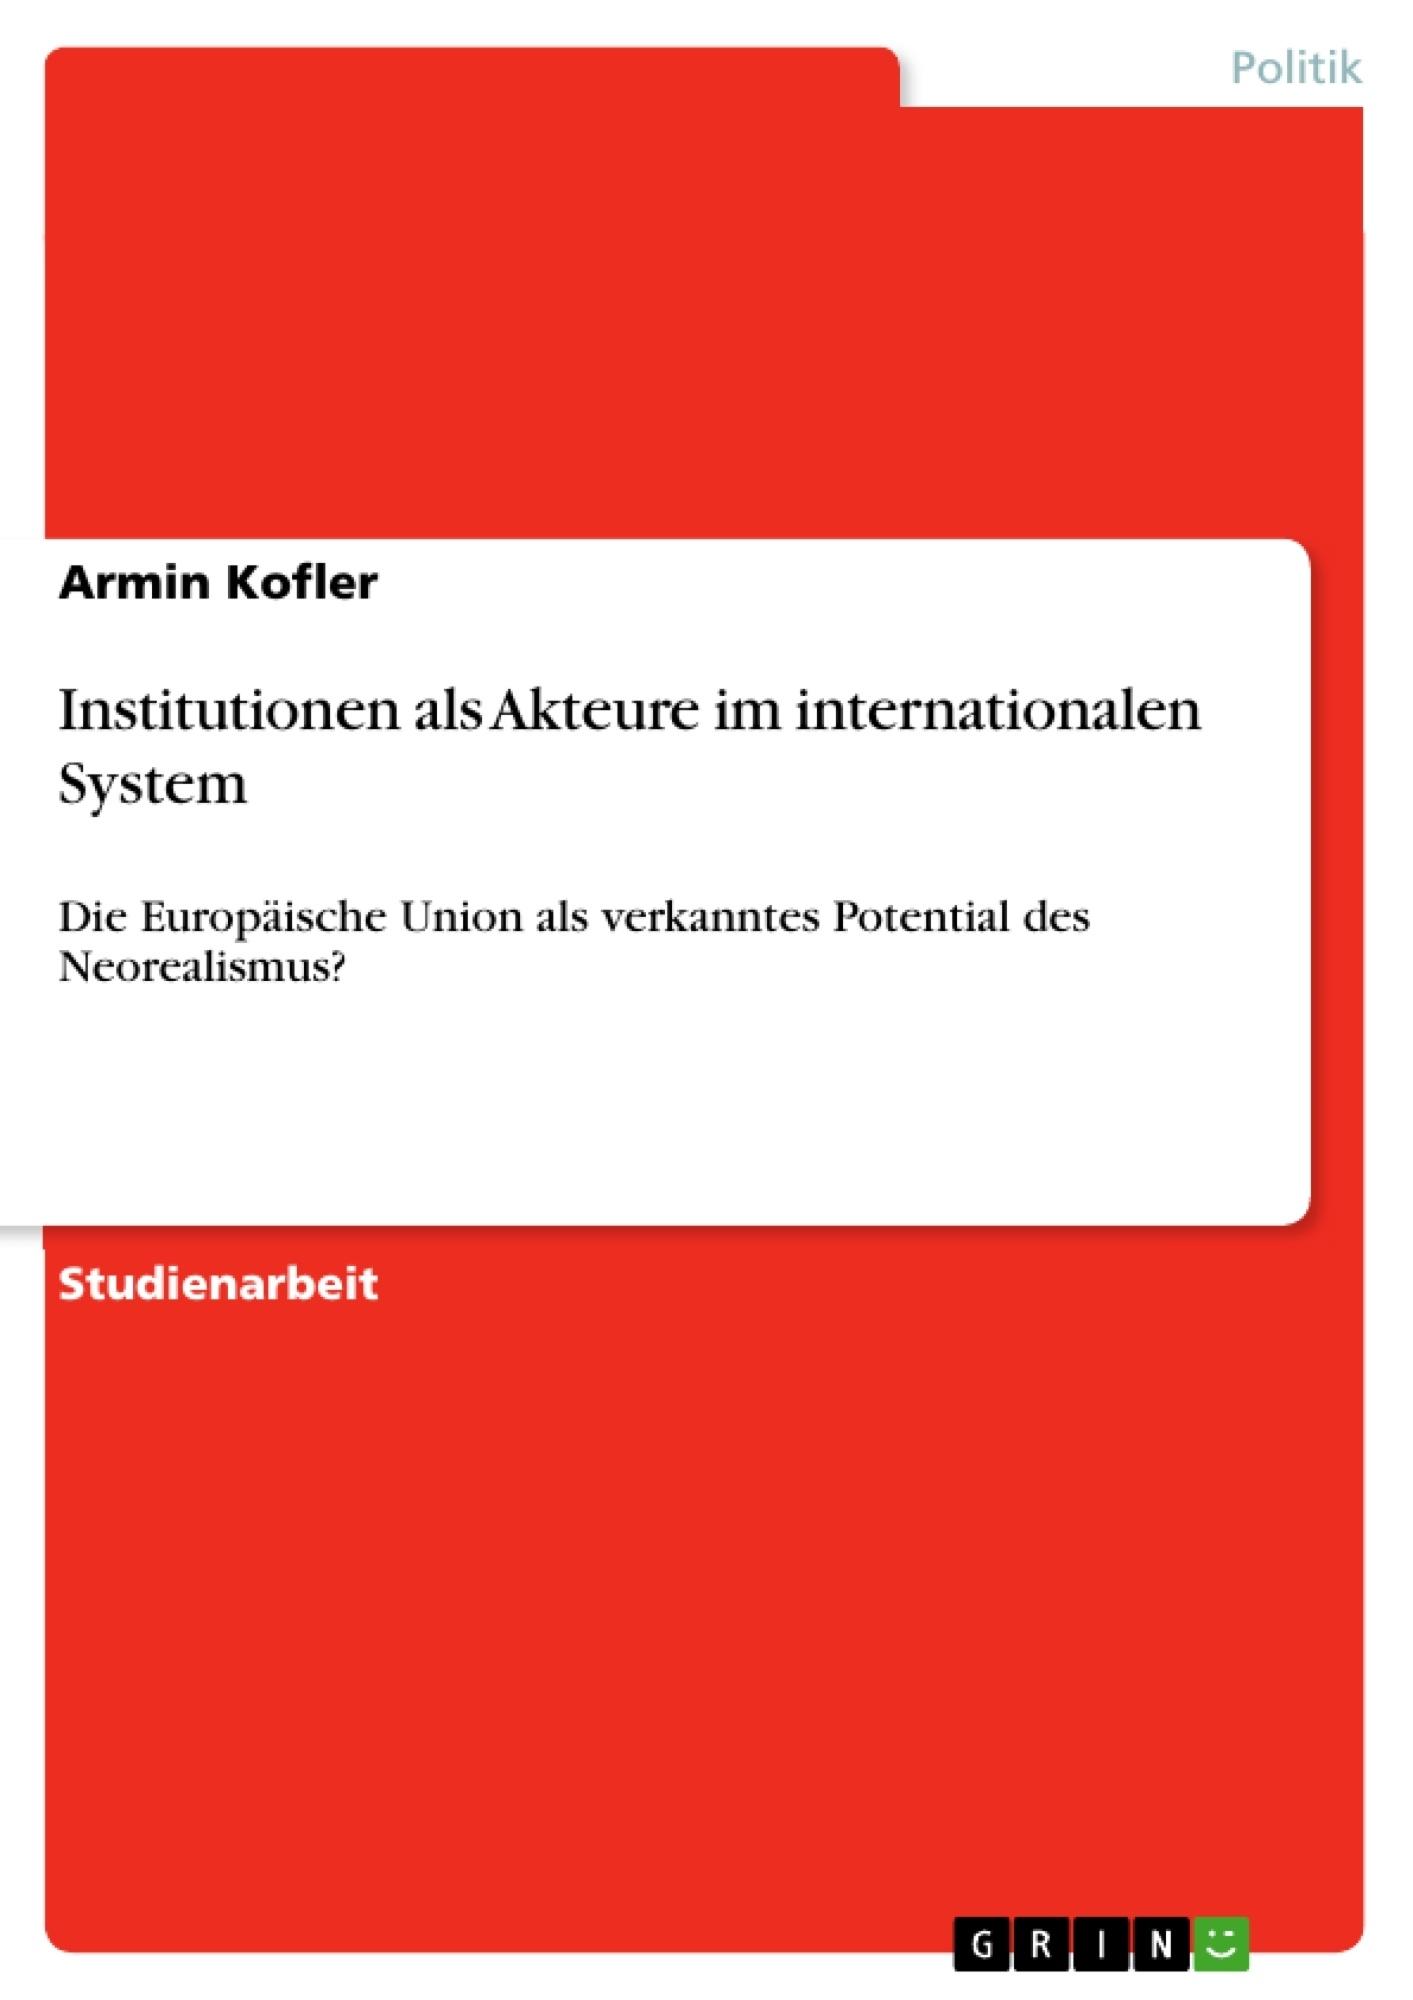 Titel: Institutionen als Akteure im internationalen System